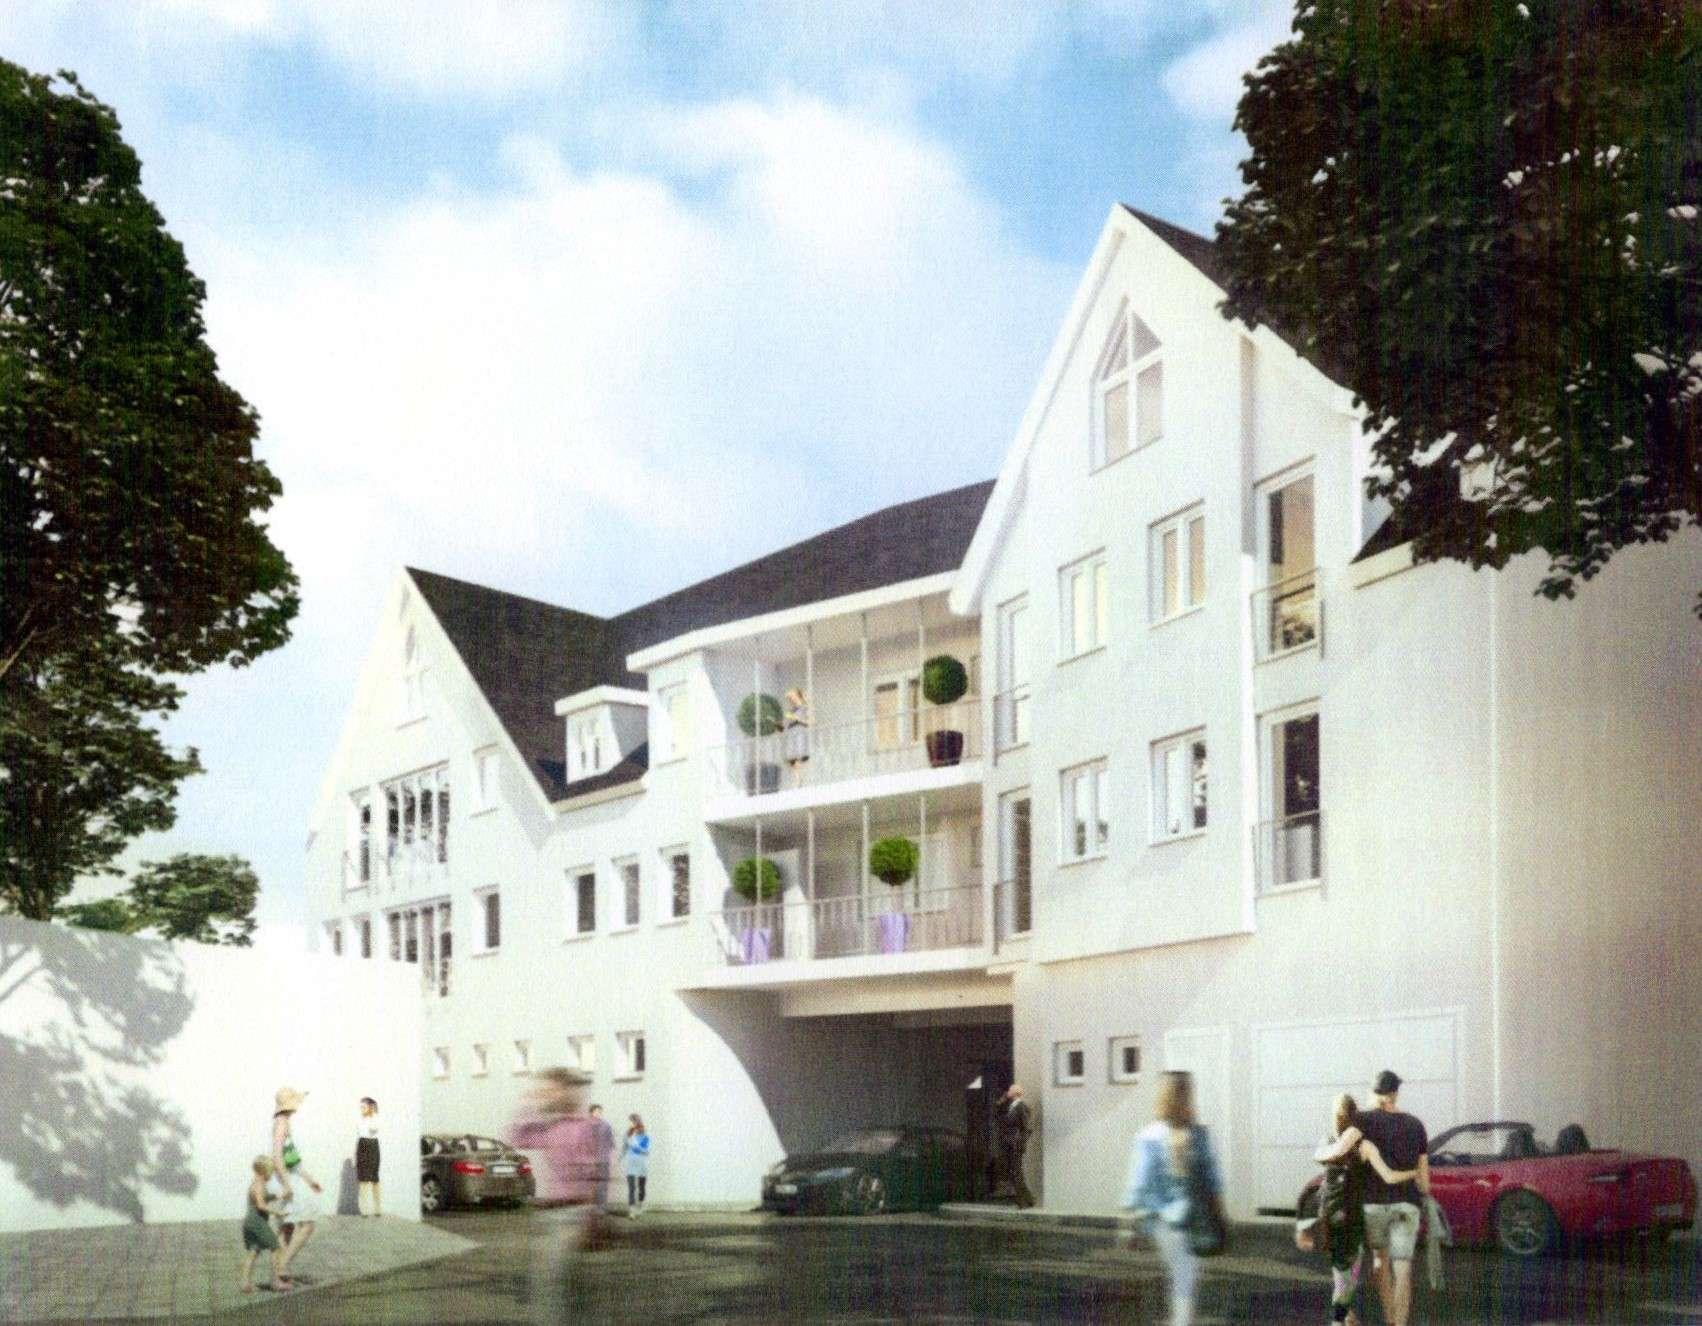 Ruhige,sonnige 3-Zimmerwohnung in verkehrsgünstiger Lage mit sehr guter Infrastruktur. in Großostheim